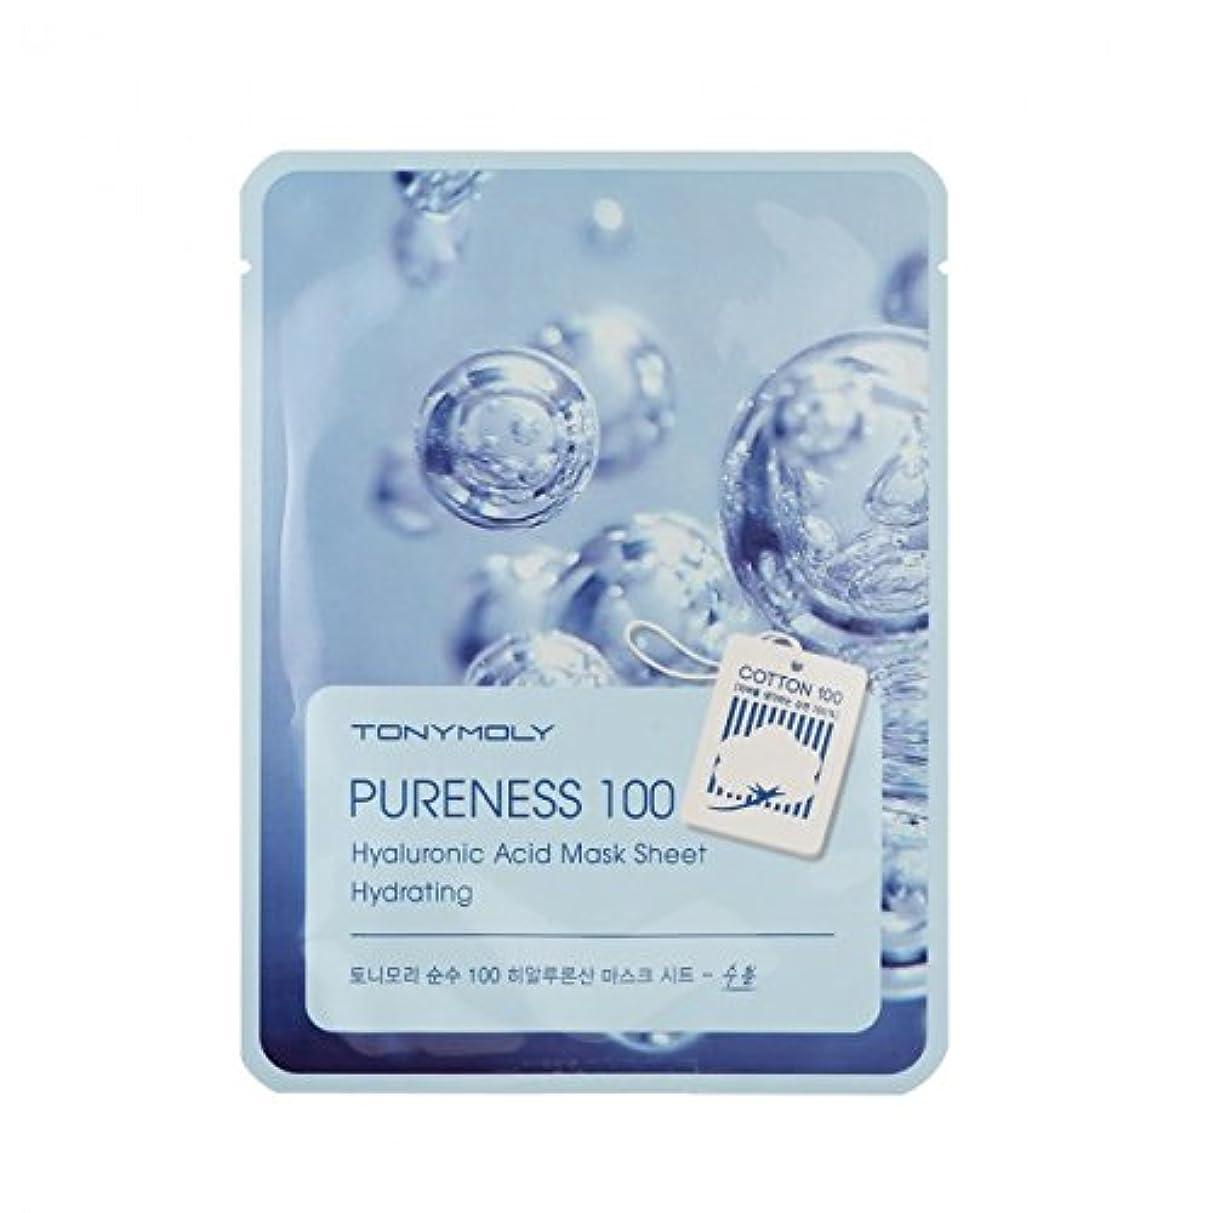 予約エーカー相関する(6 Pack) TONYMOLY Pureness 100 Hyaluronic Acid Mask Sheet Hydrating (並行輸入品)